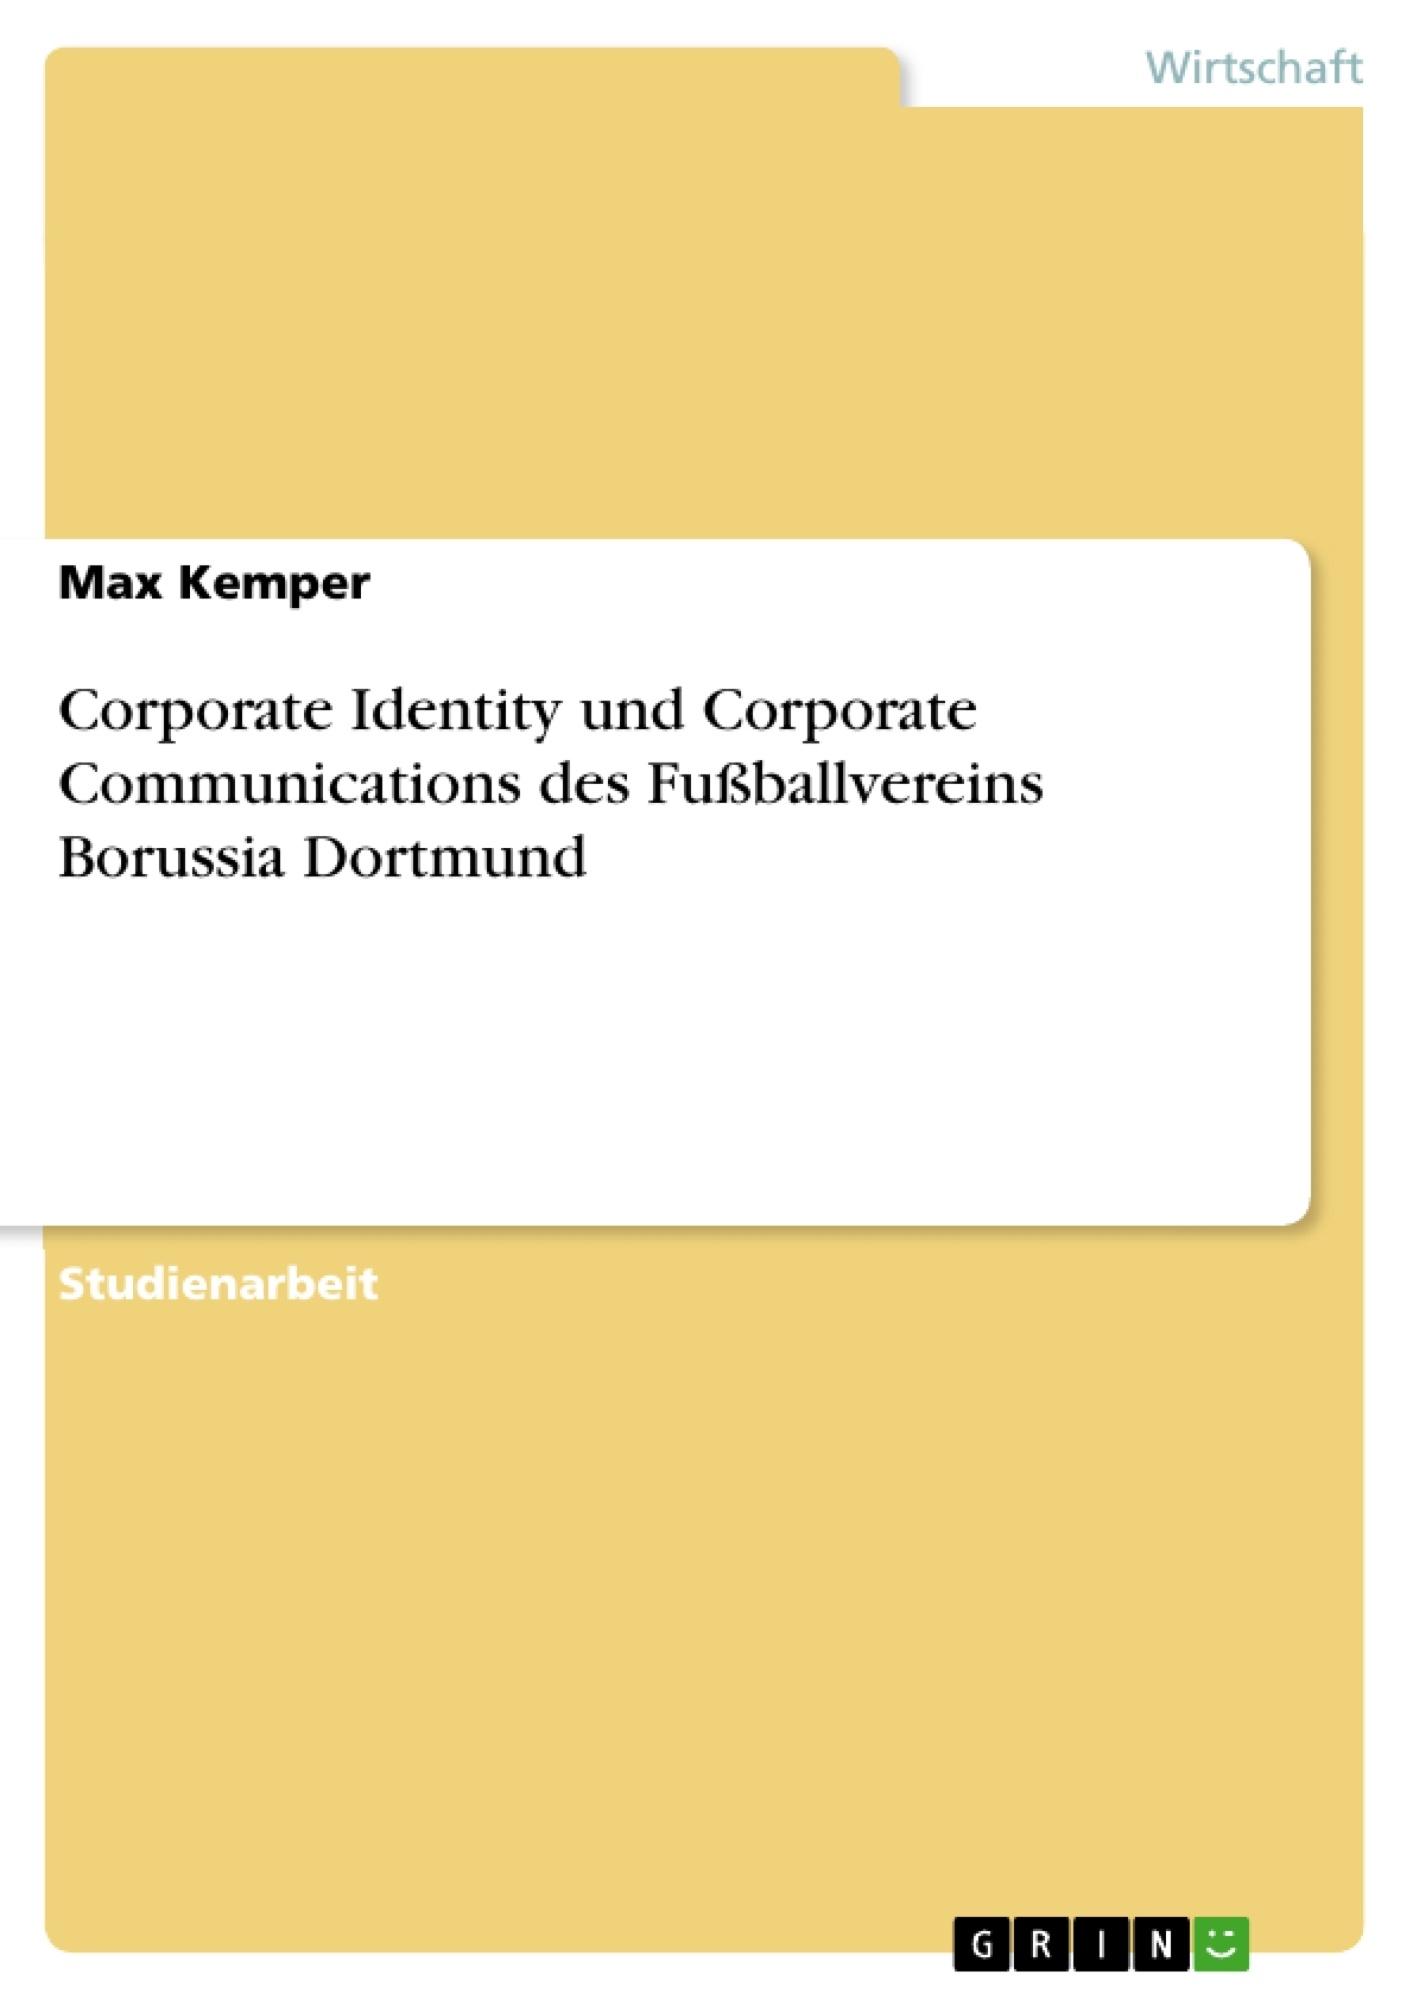 Titel: Corporate Identity und Corporate Communications des Fußballvereins Borussia Dortmund